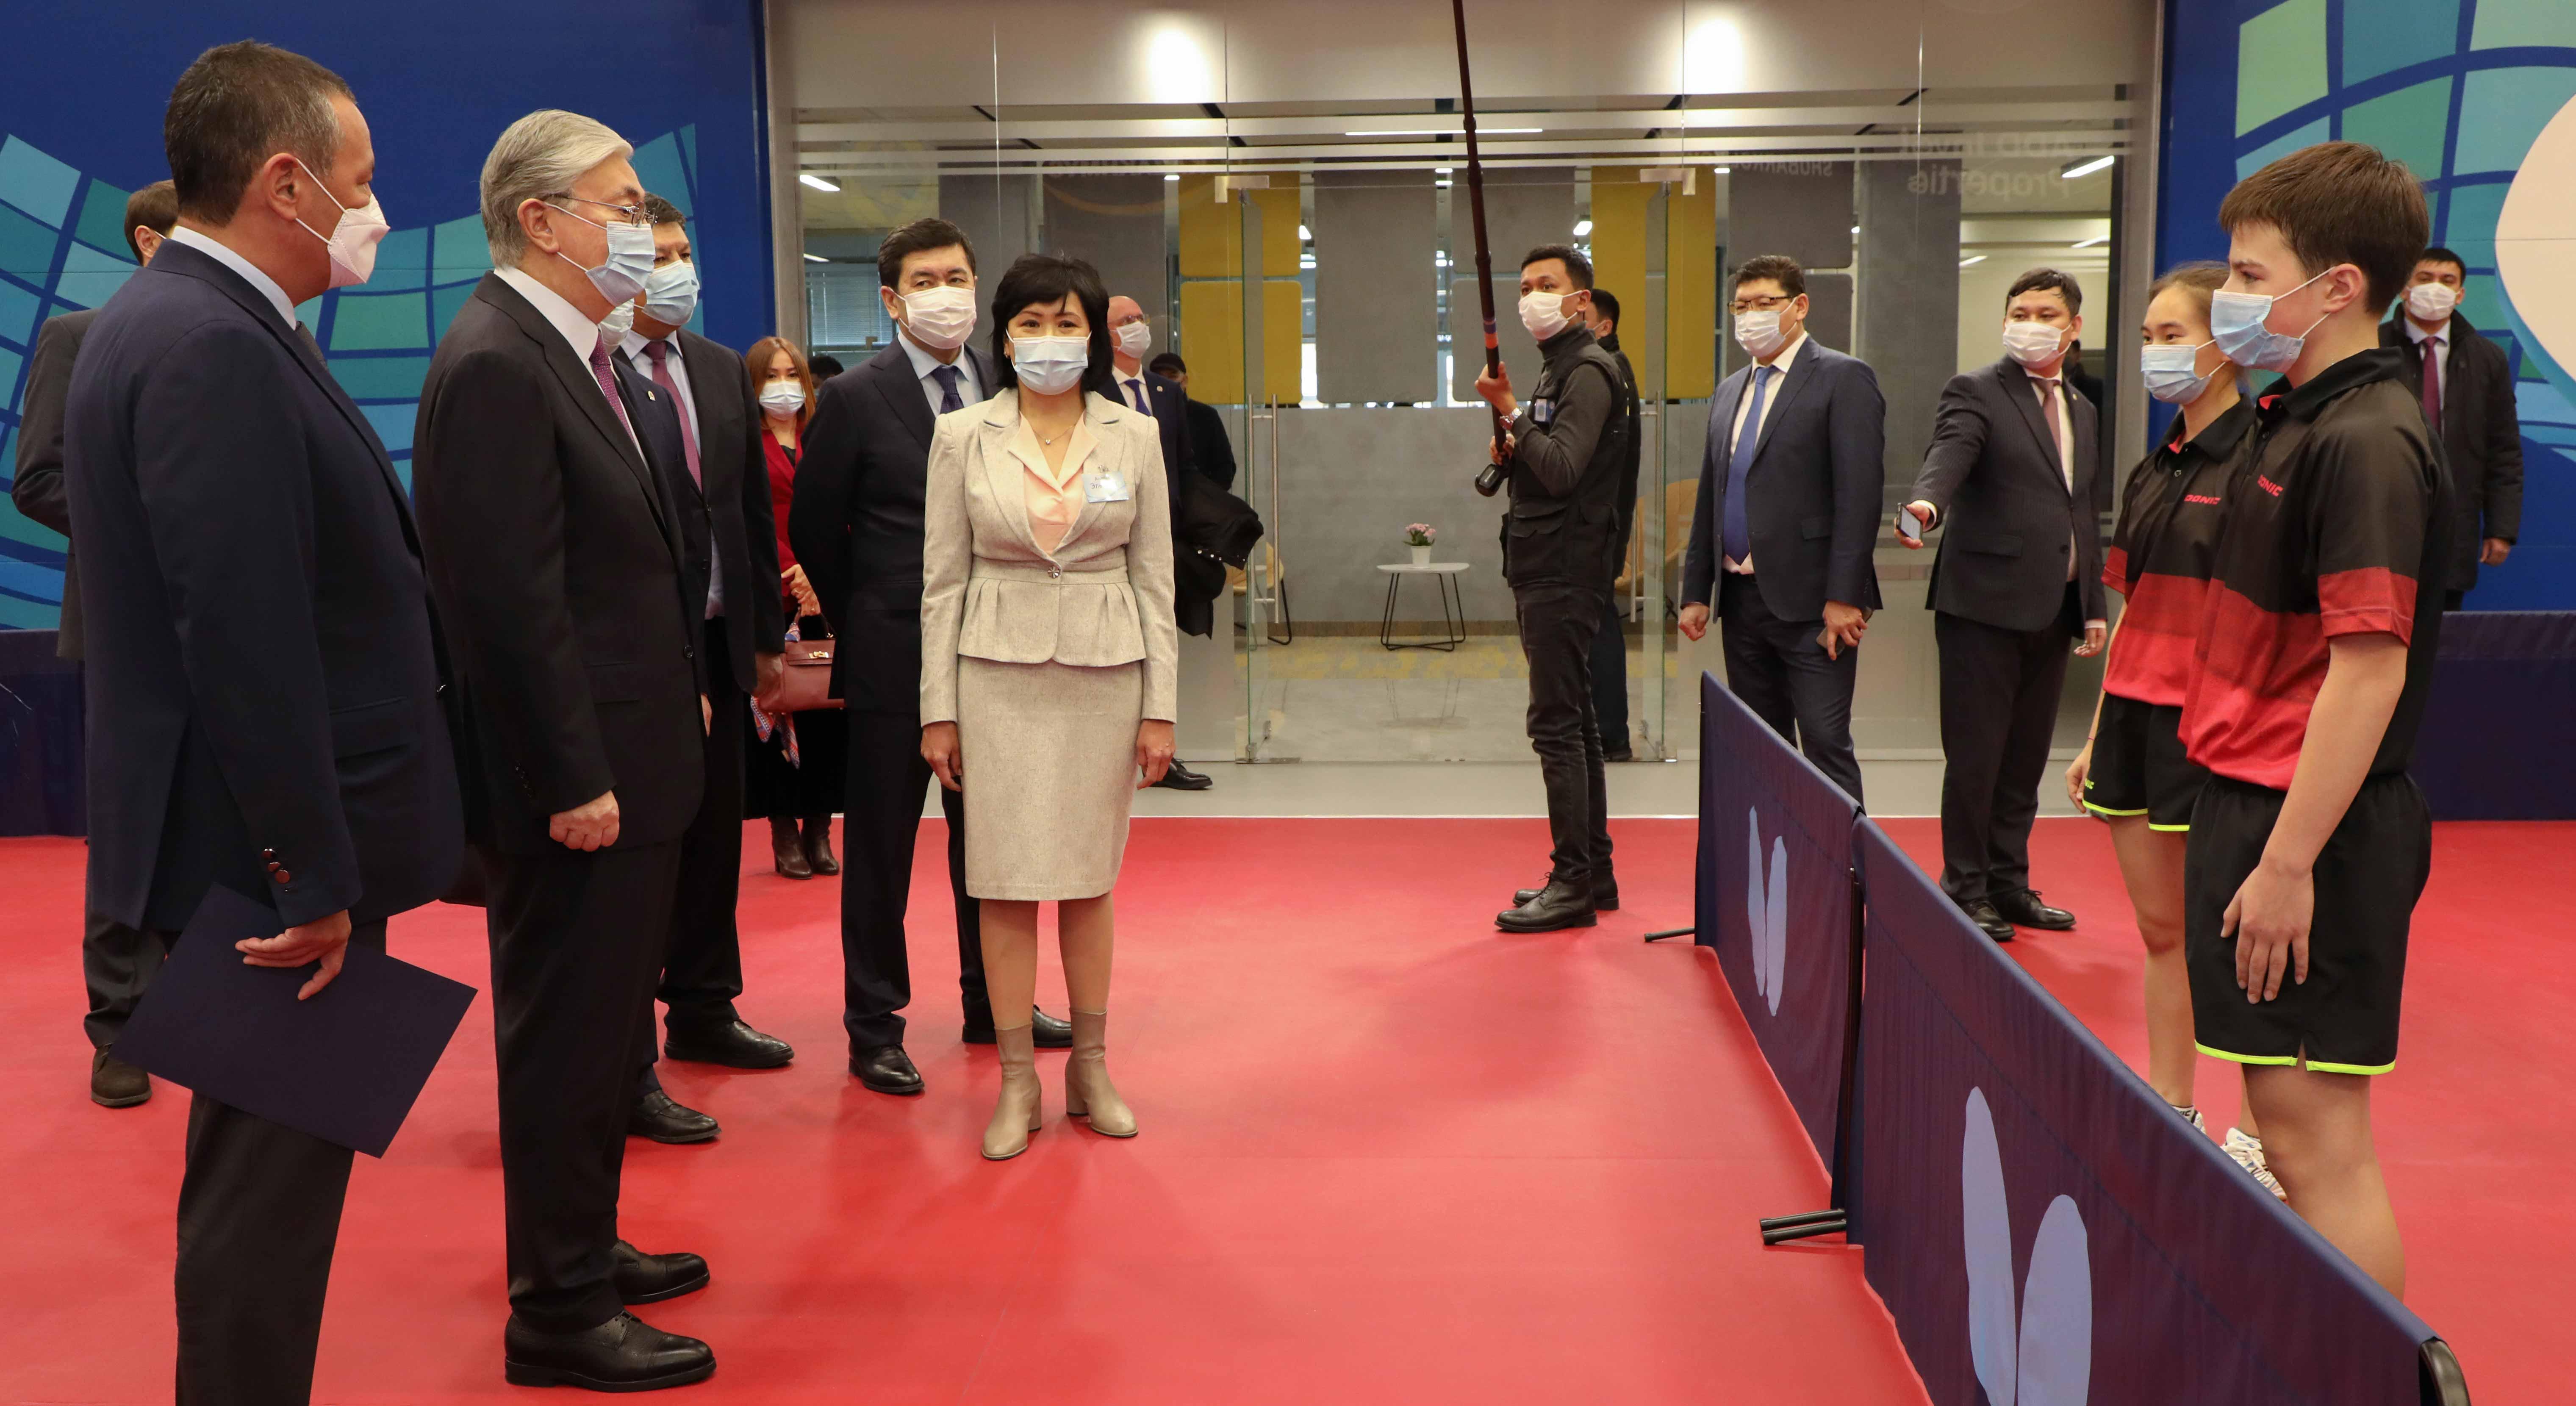 Президент Казахстана торжественно открыл Центр настольного тенниса в Караганде